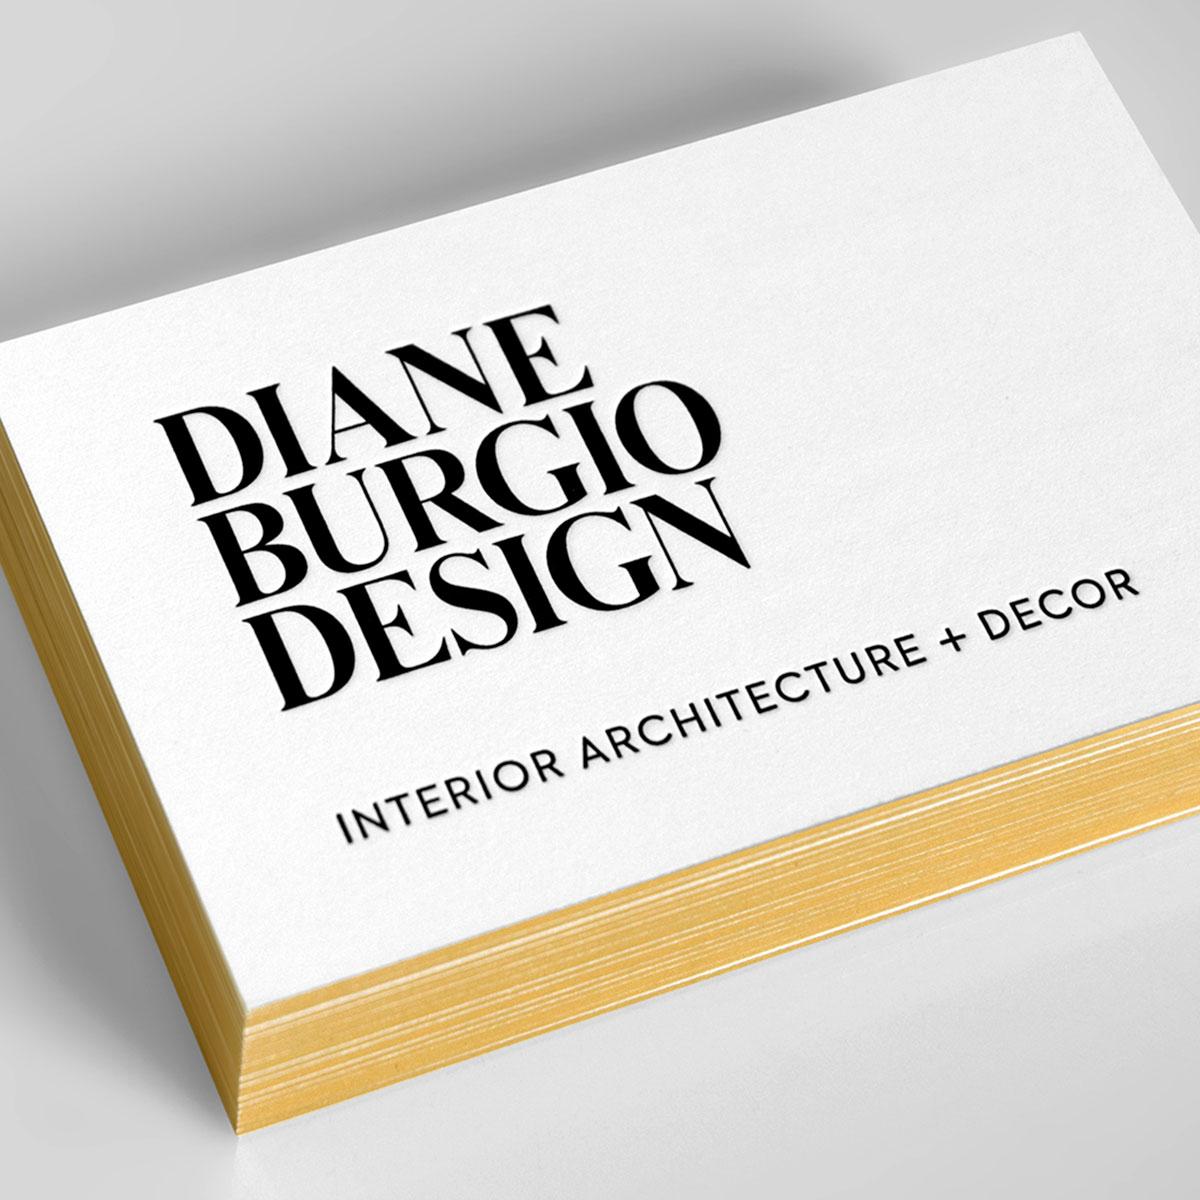 Diane Burgio Design Logo